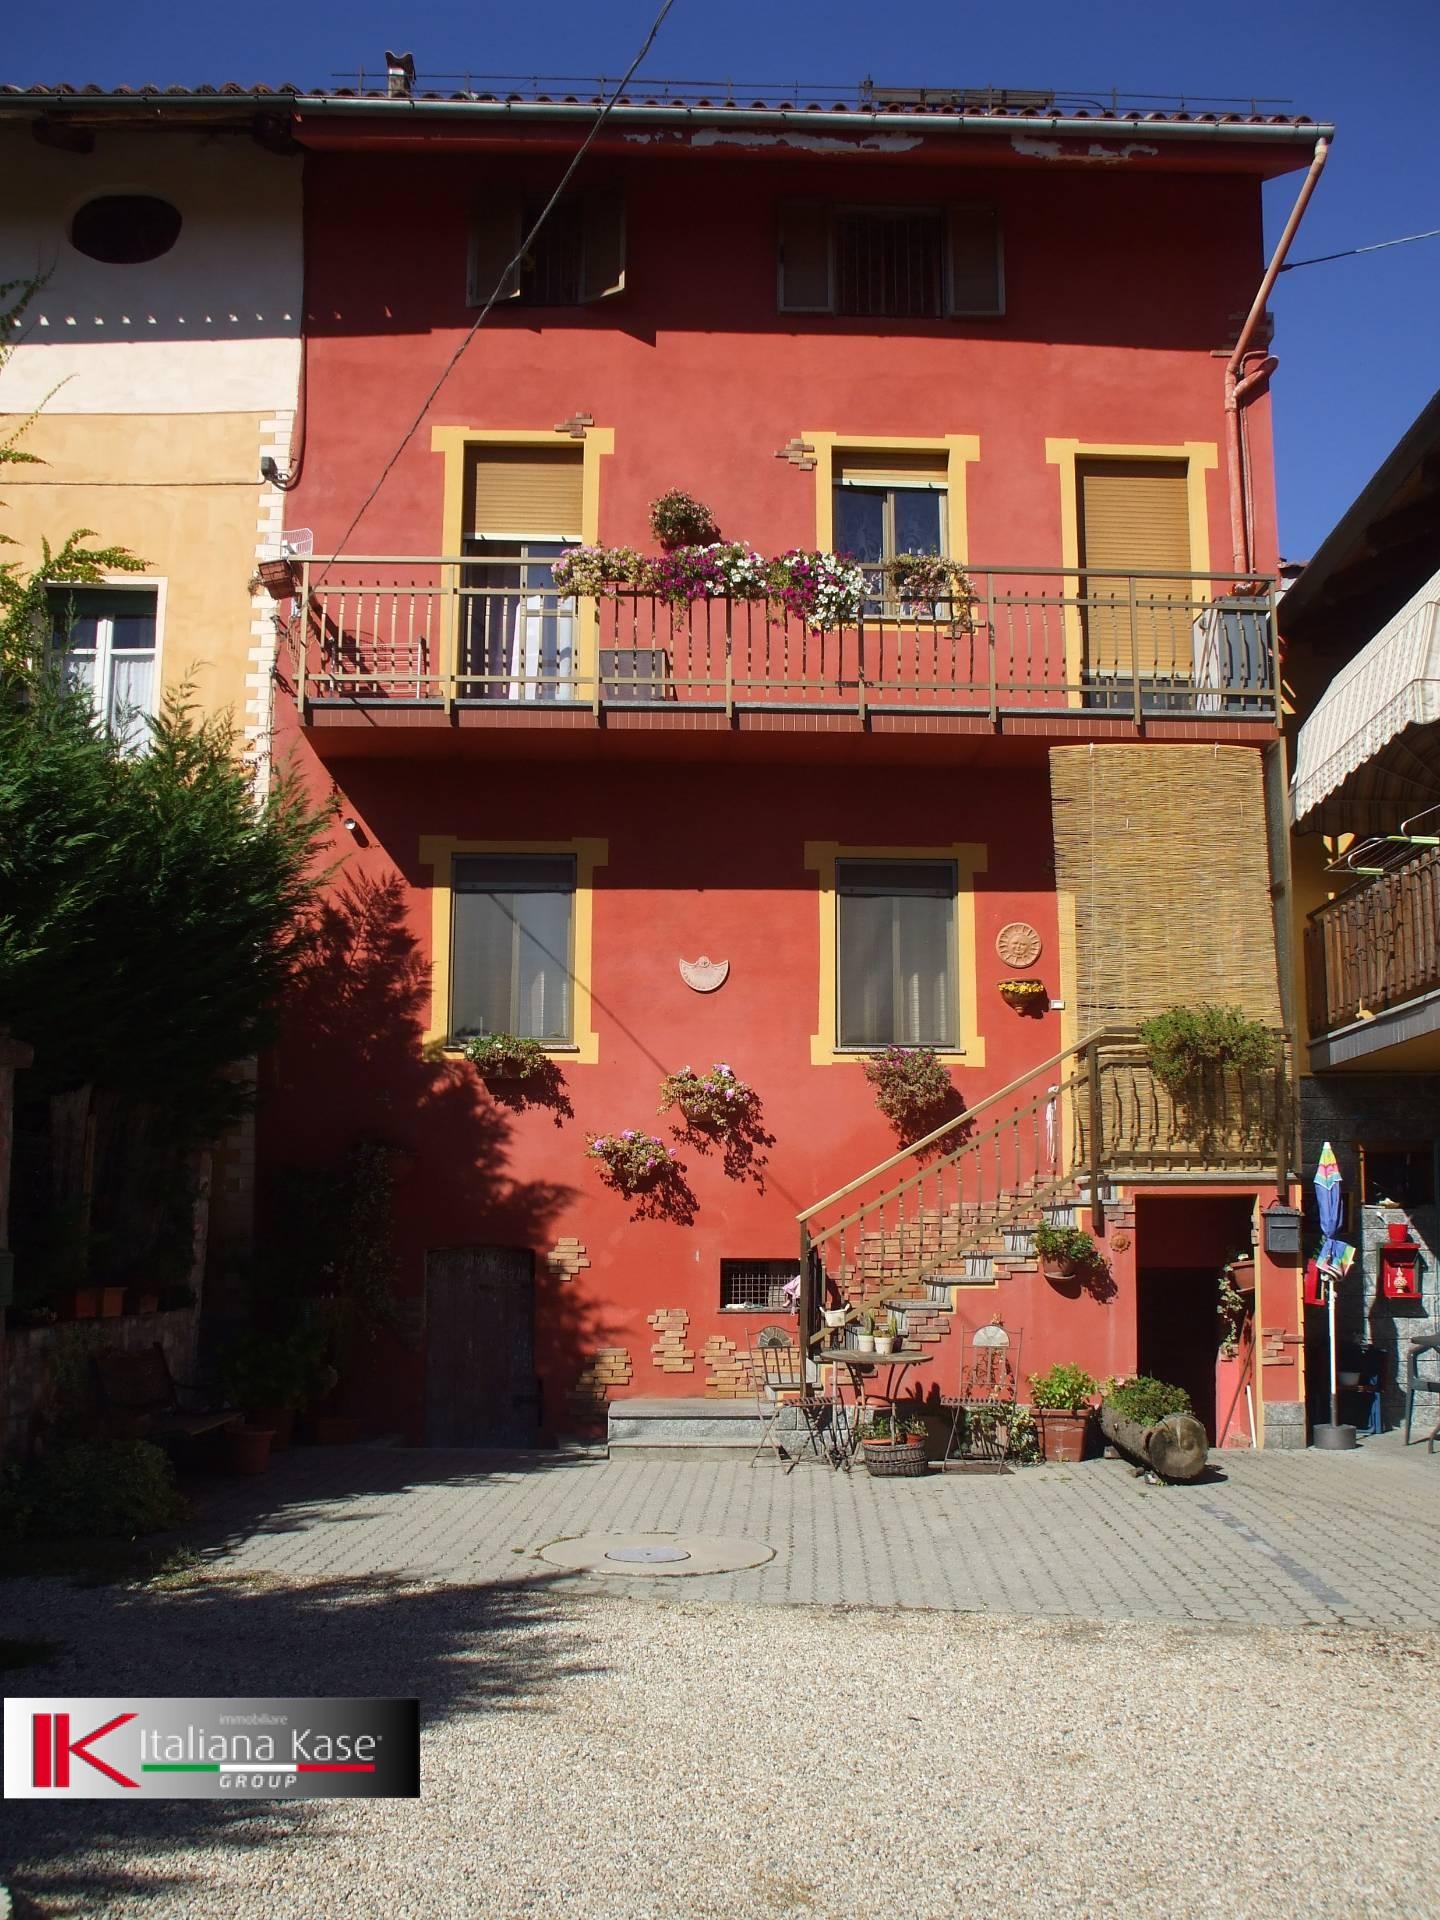 Soluzione Semindipendente in vendita a Sciolze, 5 locali, zona Località: Sciolze, prezzo € 125.000 | CambioCasa.it